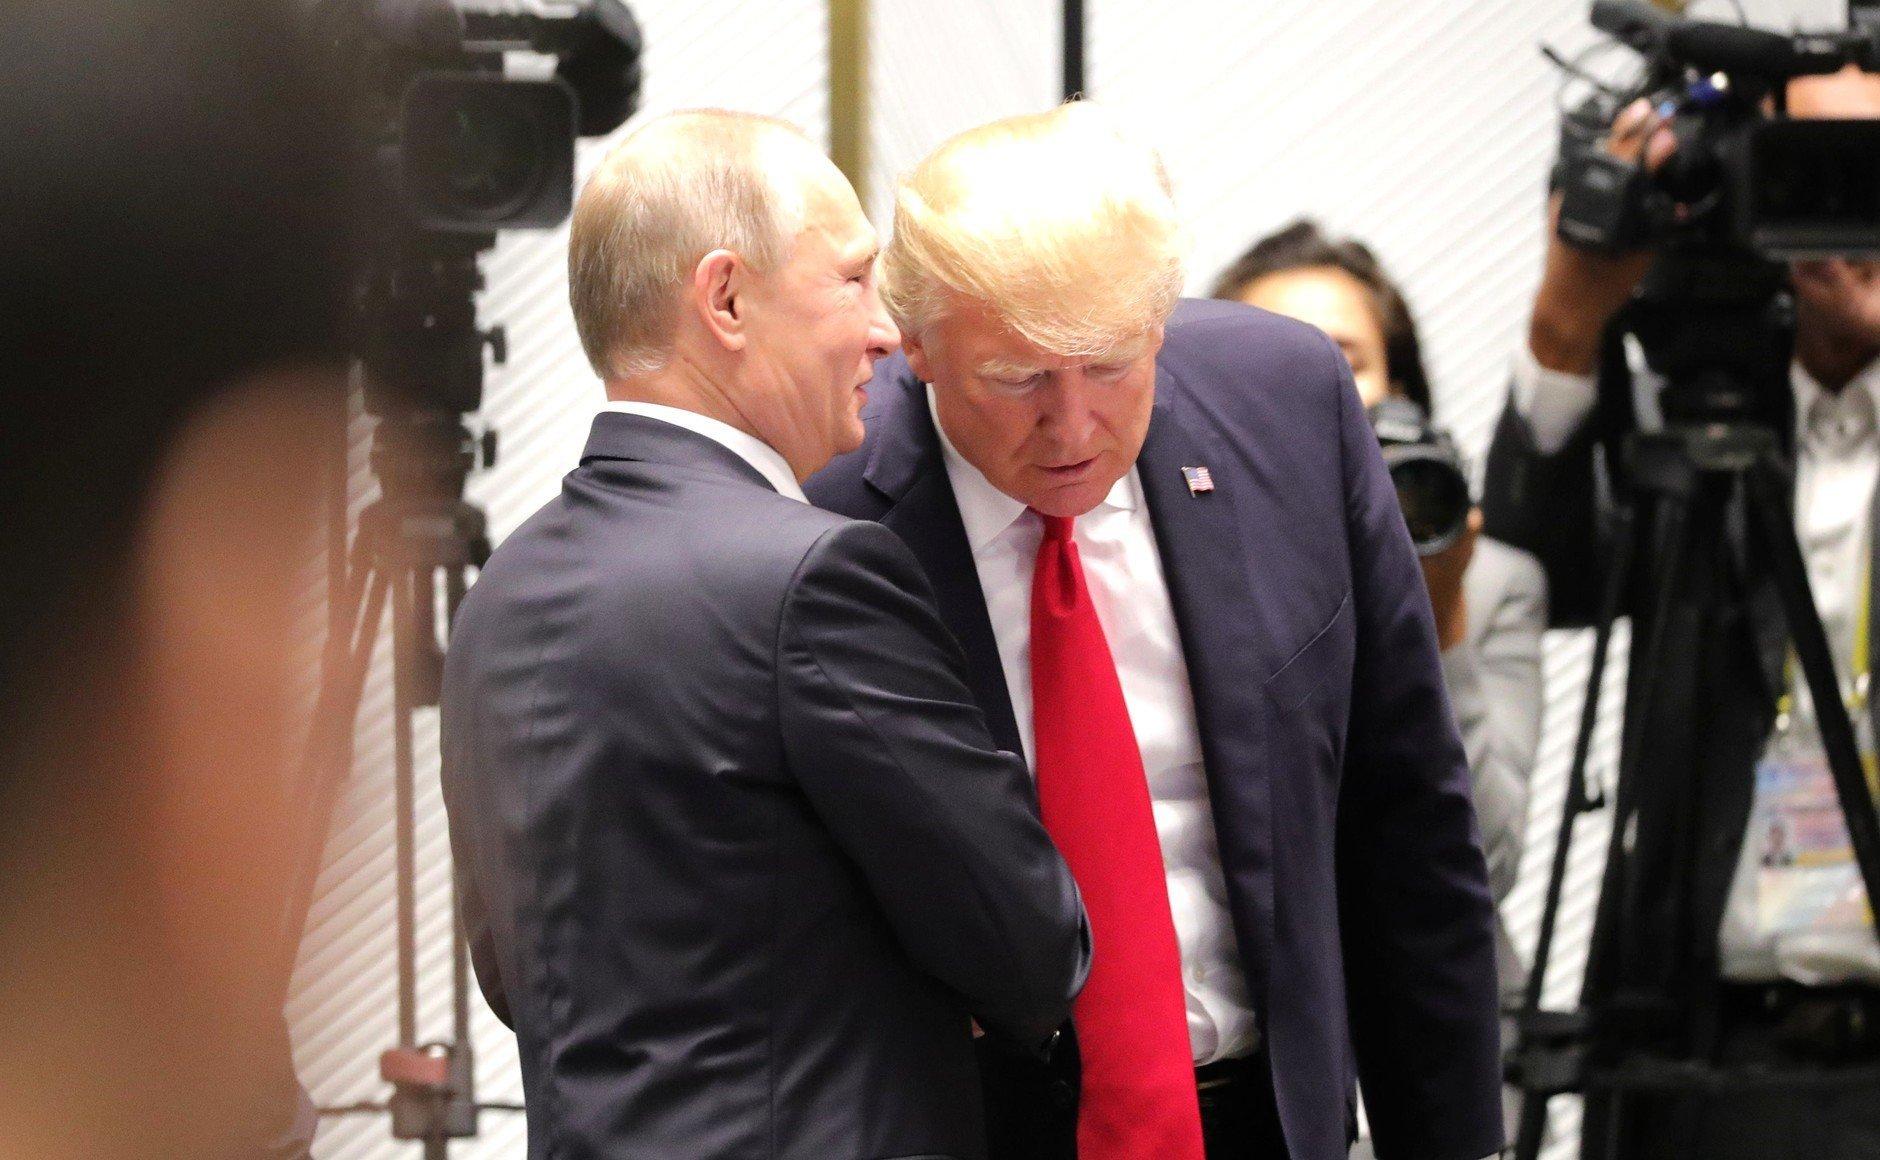 Ο Τραμπ ελπίζει ότι η συνάντηση με τον Πούτιν θα μειώσει τις εντάσεις μεταξύ των δύο